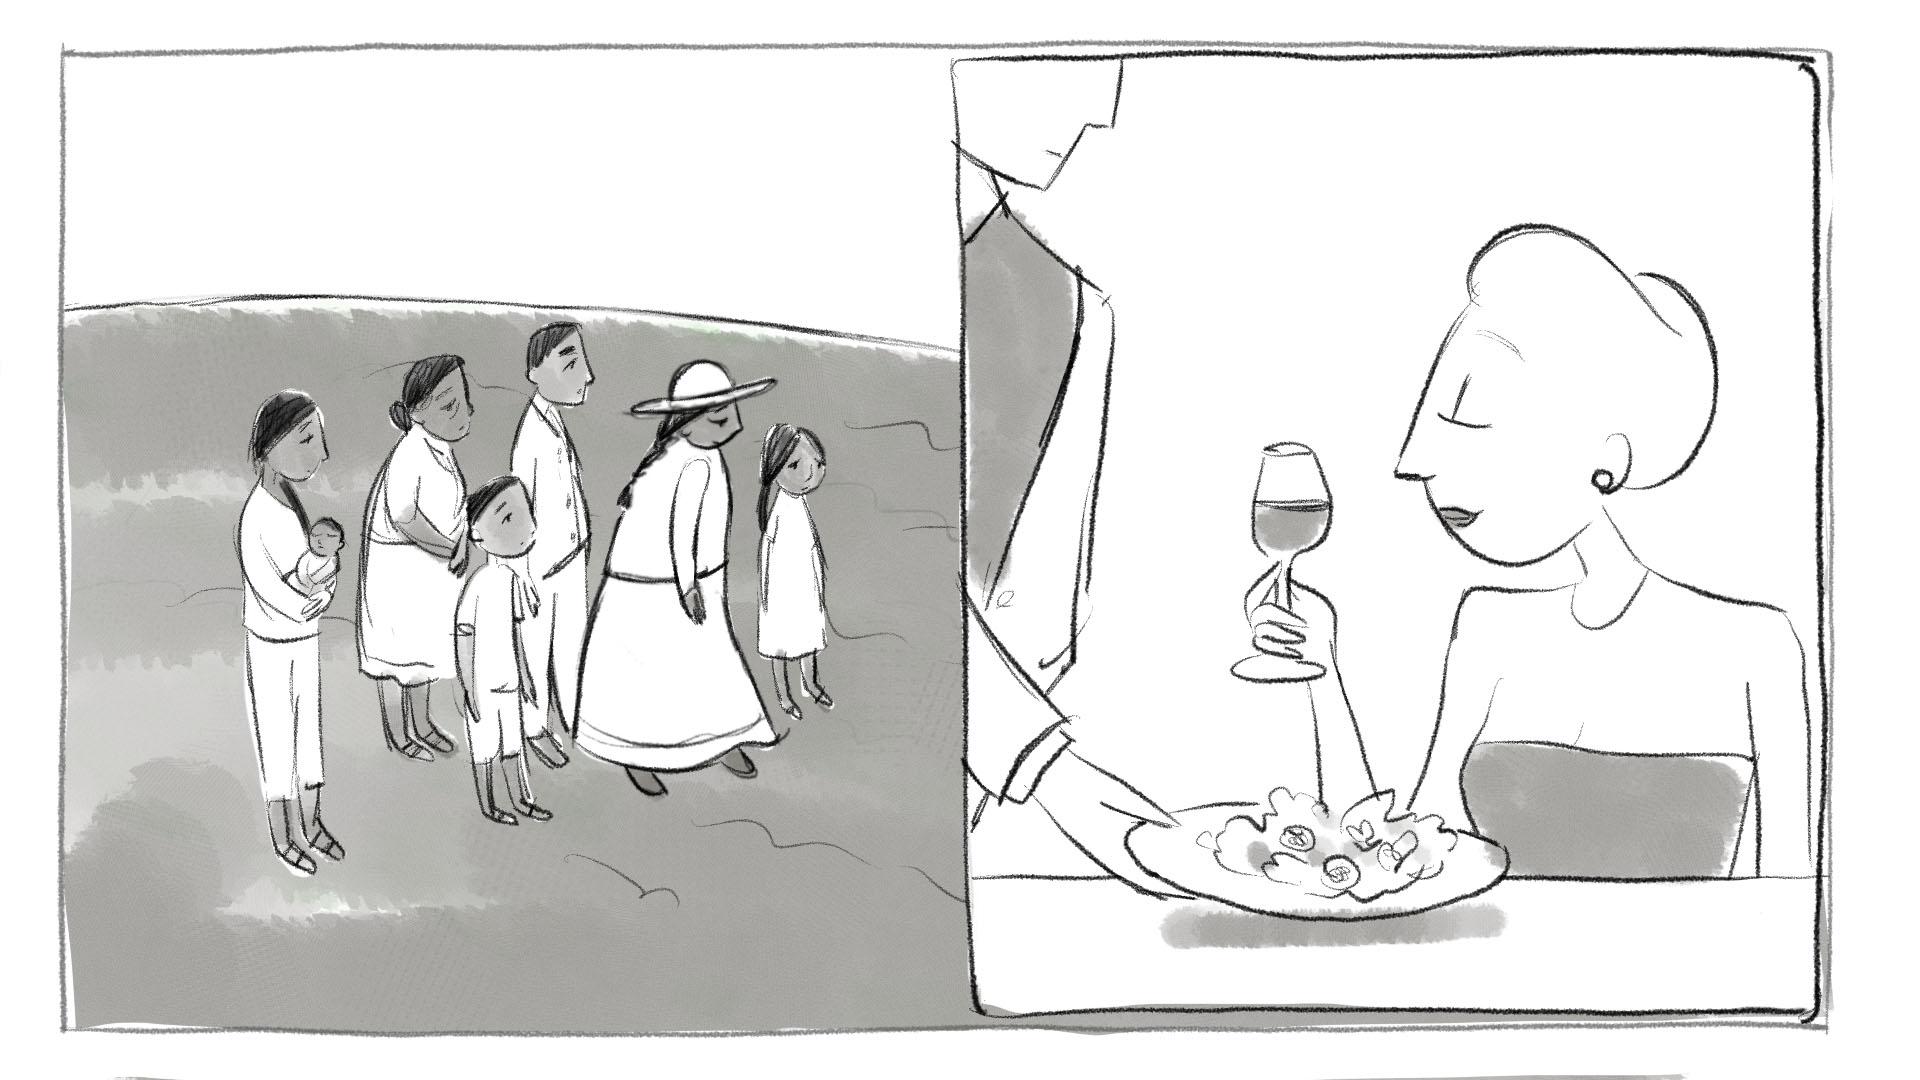 Shahidi_Storyboards_3d-1.jpg